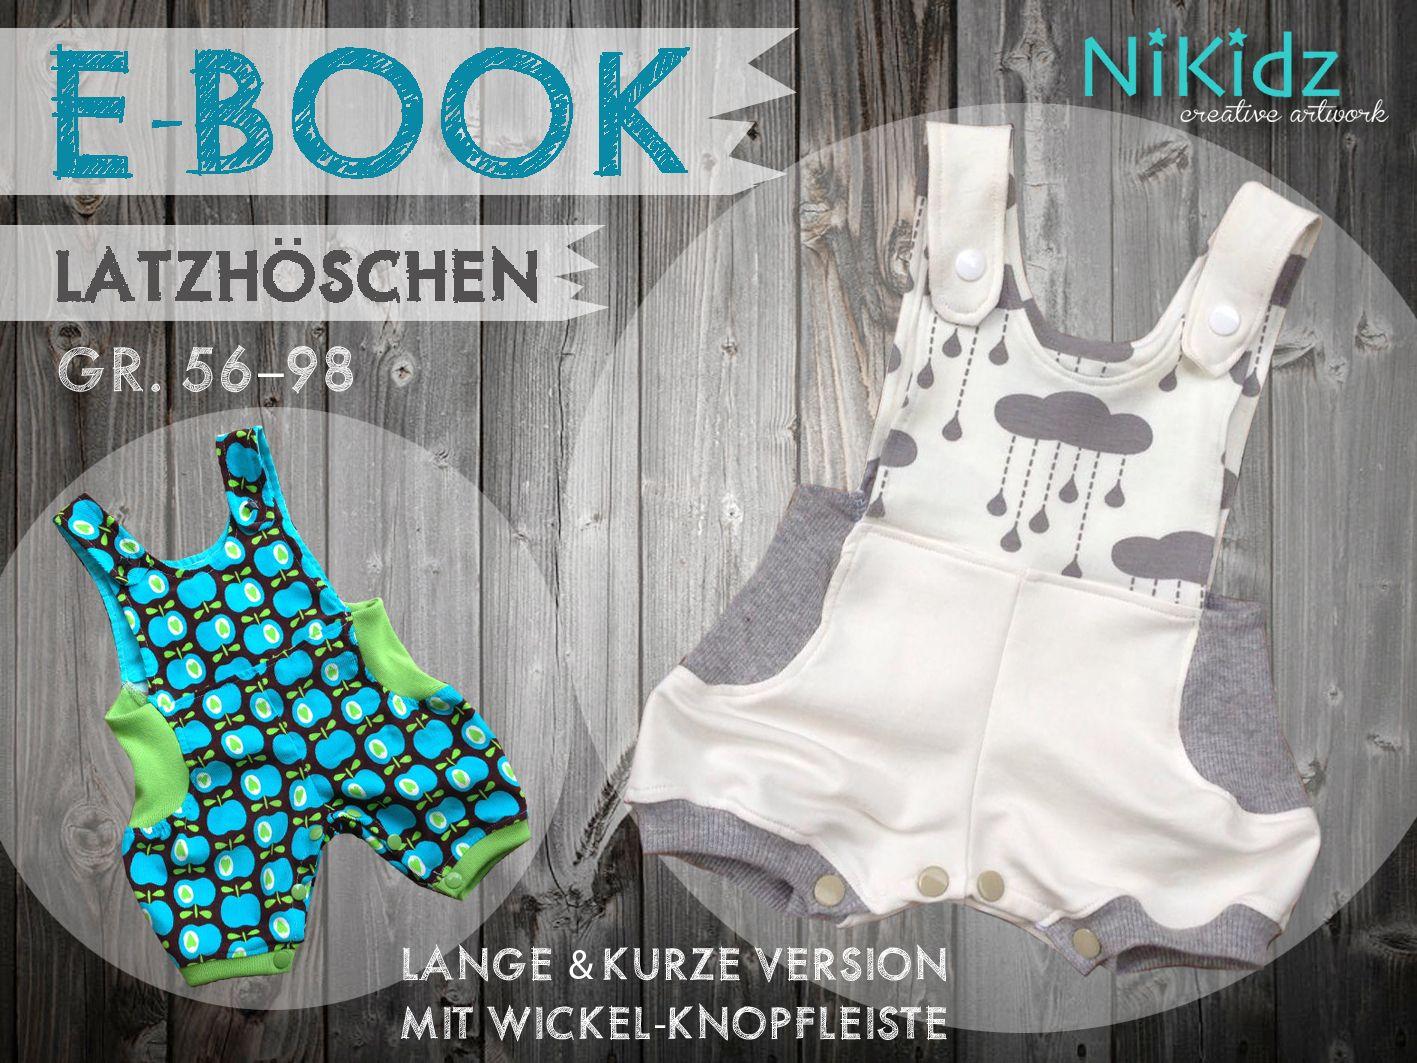 Ebook Latzhöschen | Nähen, Nähen für jungs und Babys